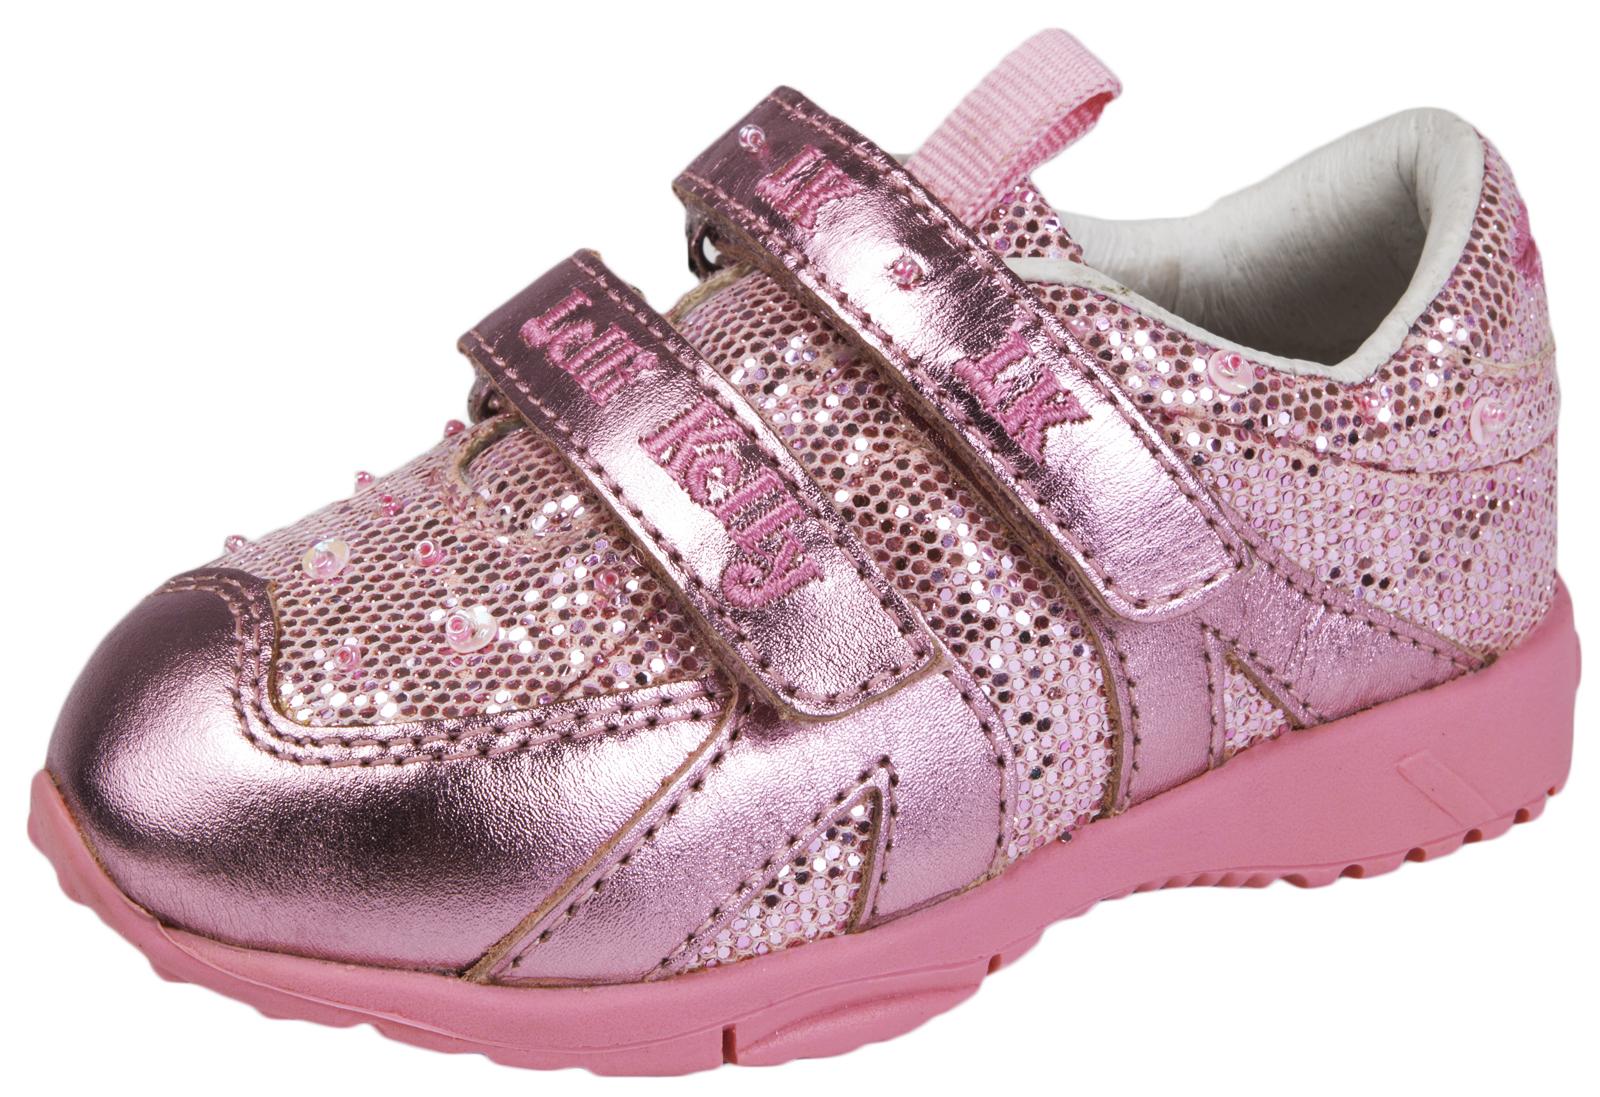 Lk8063 Baskets Filles Pinkpink de Lelli Pompes fête Paillettes Enfants Chaussures Toile Kelly Solde agwq5SPx54